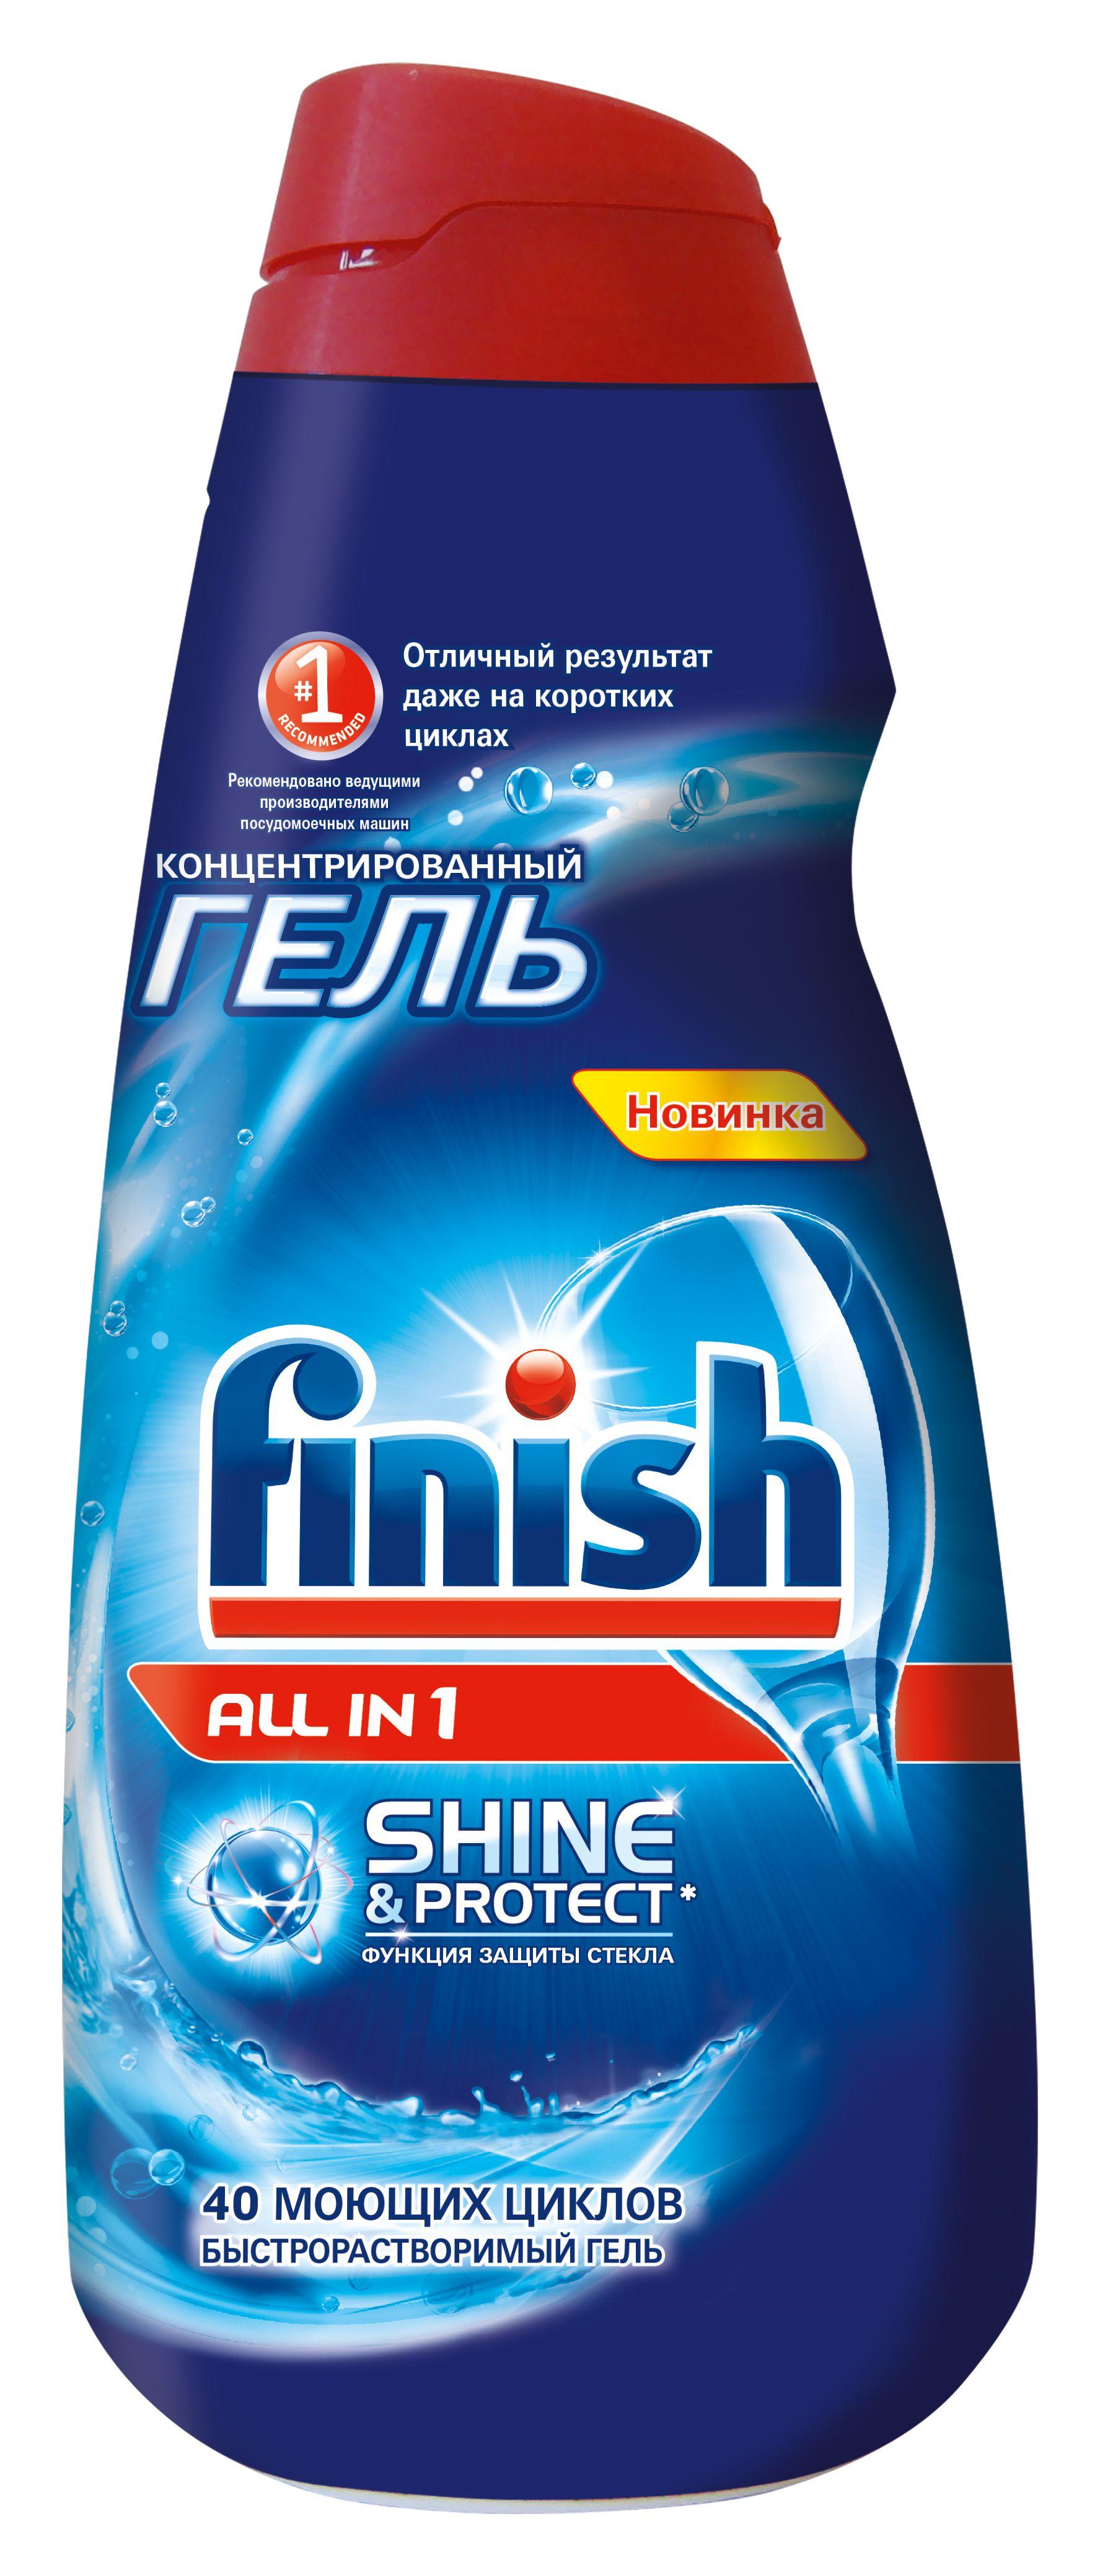 Гель для посудомоечной машины Finish all-in-1 shine#and#protect 1 л